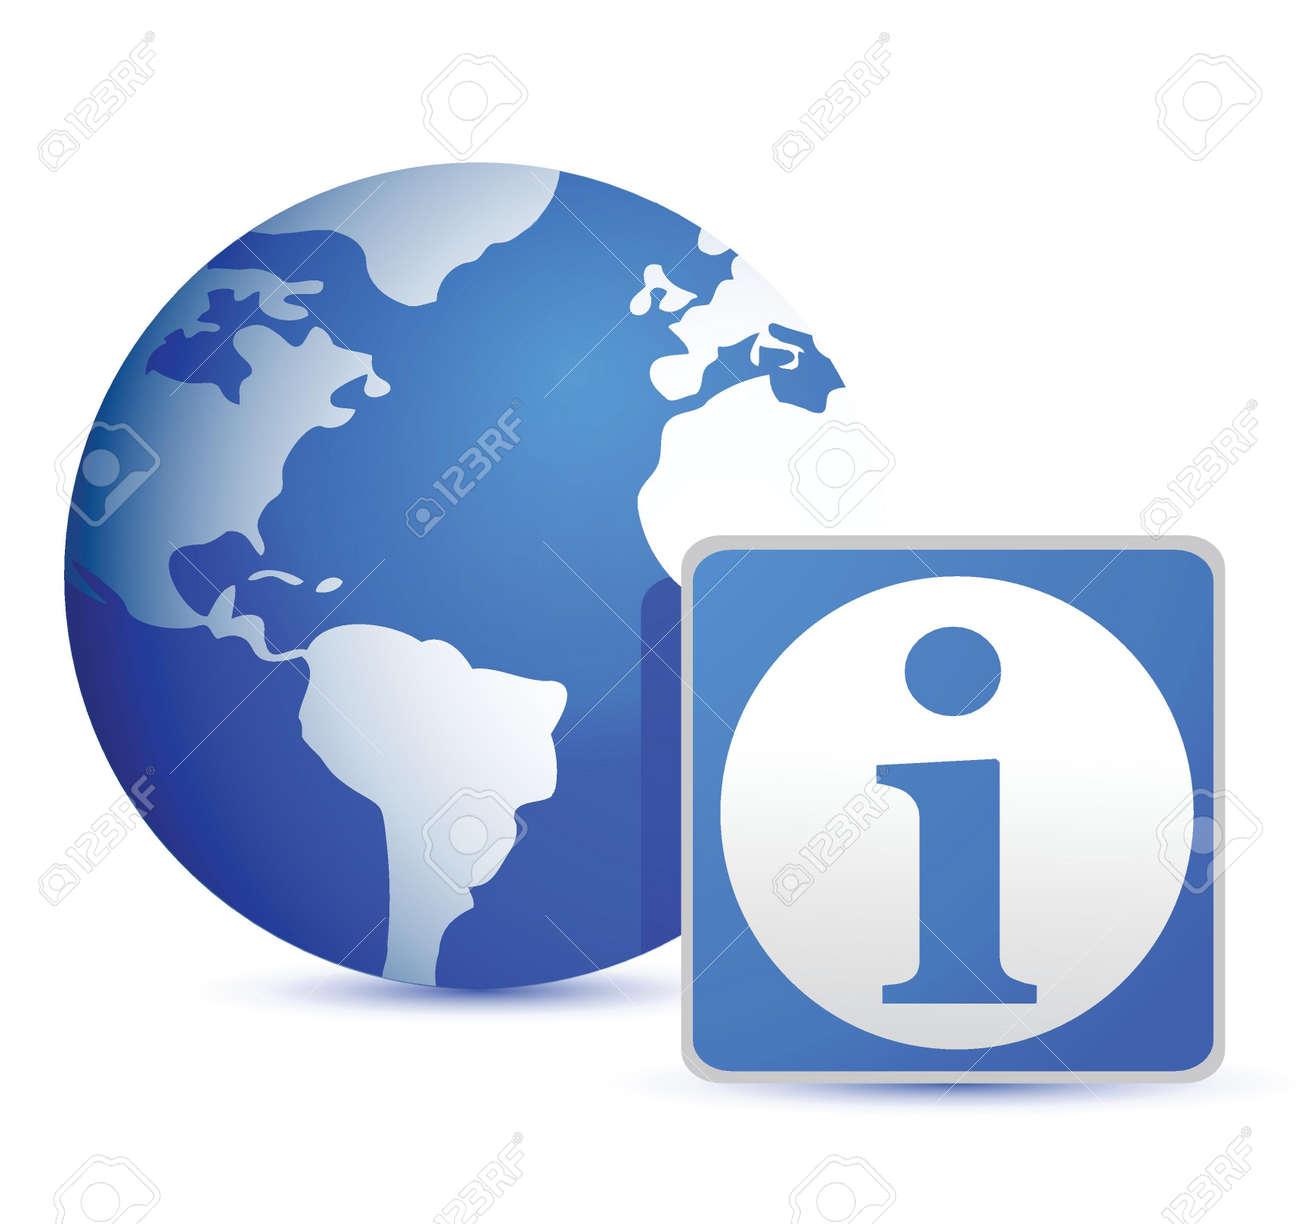 globe info illustration design over white background Stock Vector - 15925480